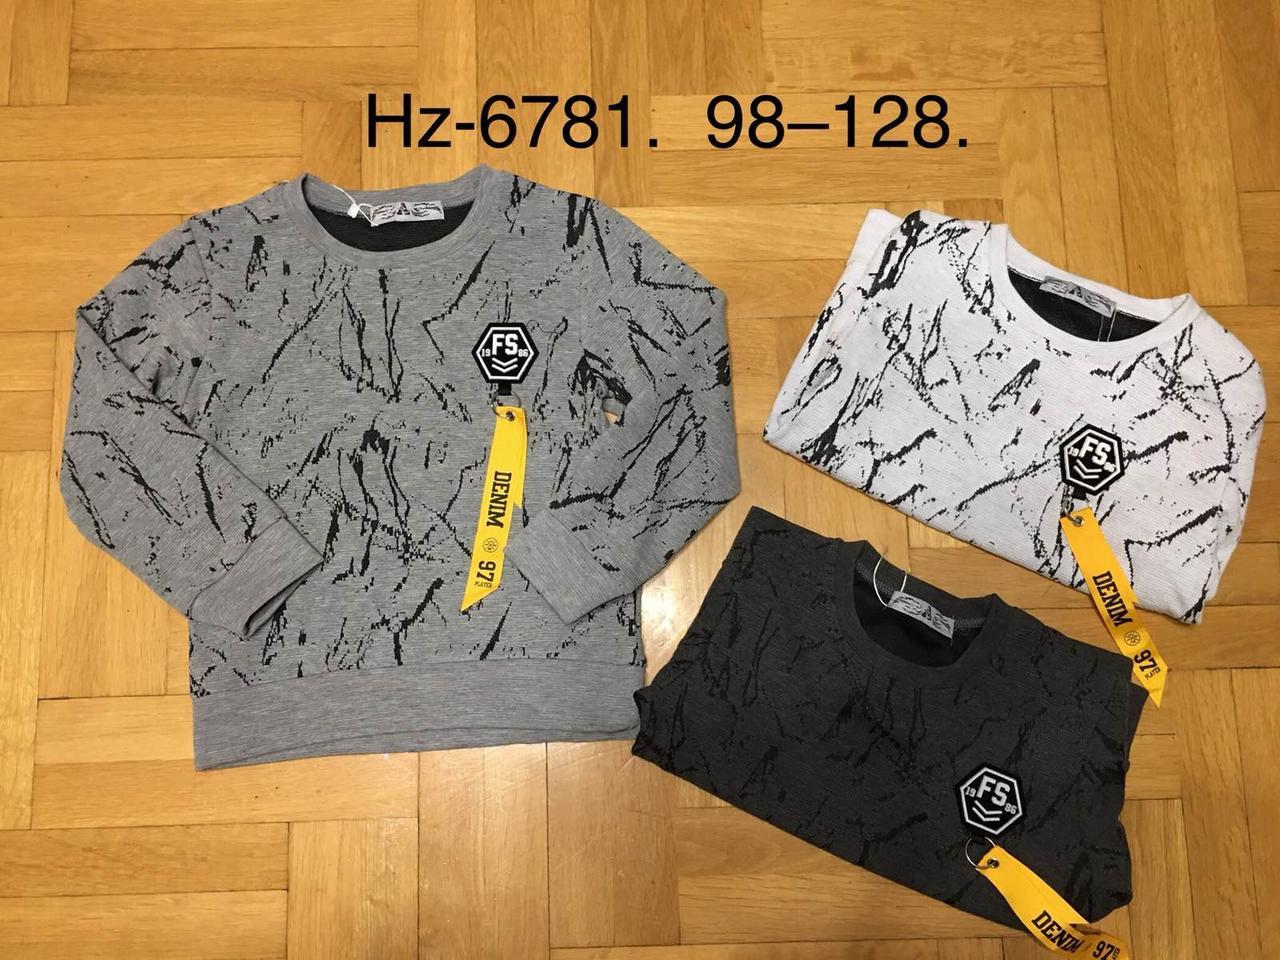 Регланы для мальчиков оптом, размеры 98-128 р, Active Sports, арт. HZ-6781.